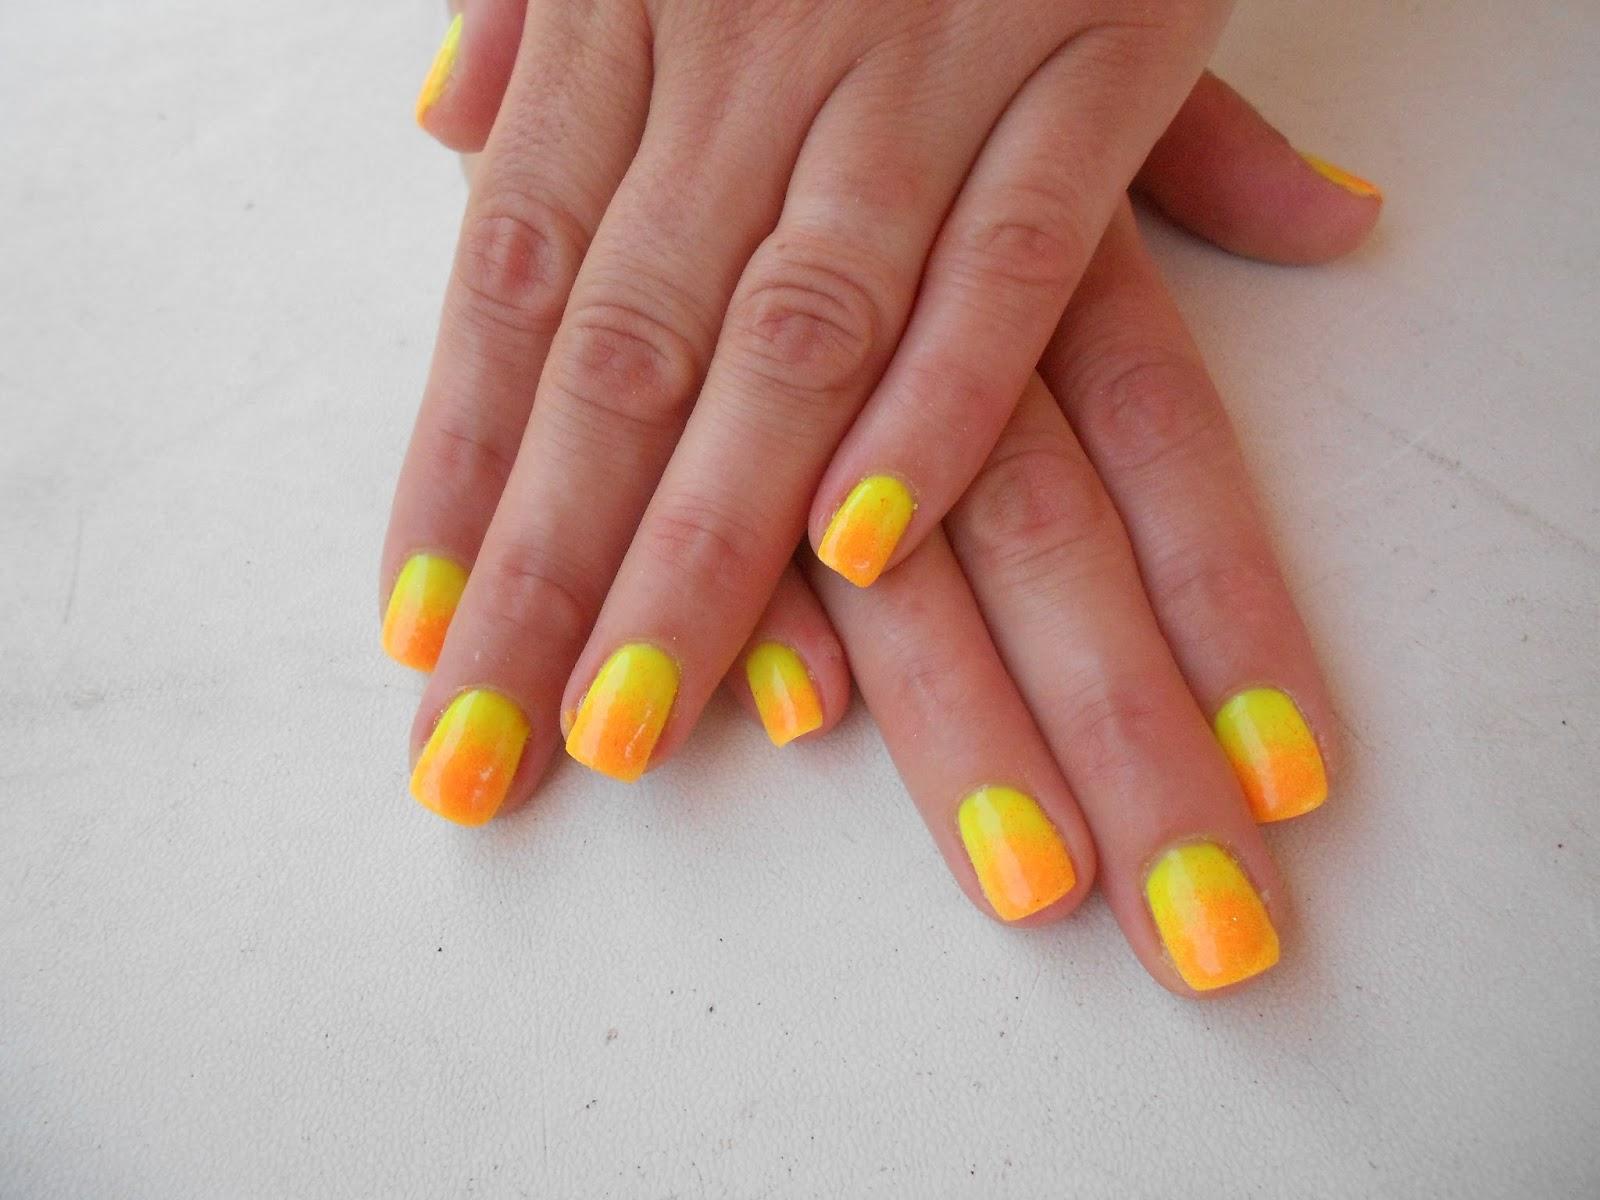 Favoloso Mariagrazia Nails art: giallo-arancio sfumato UR14